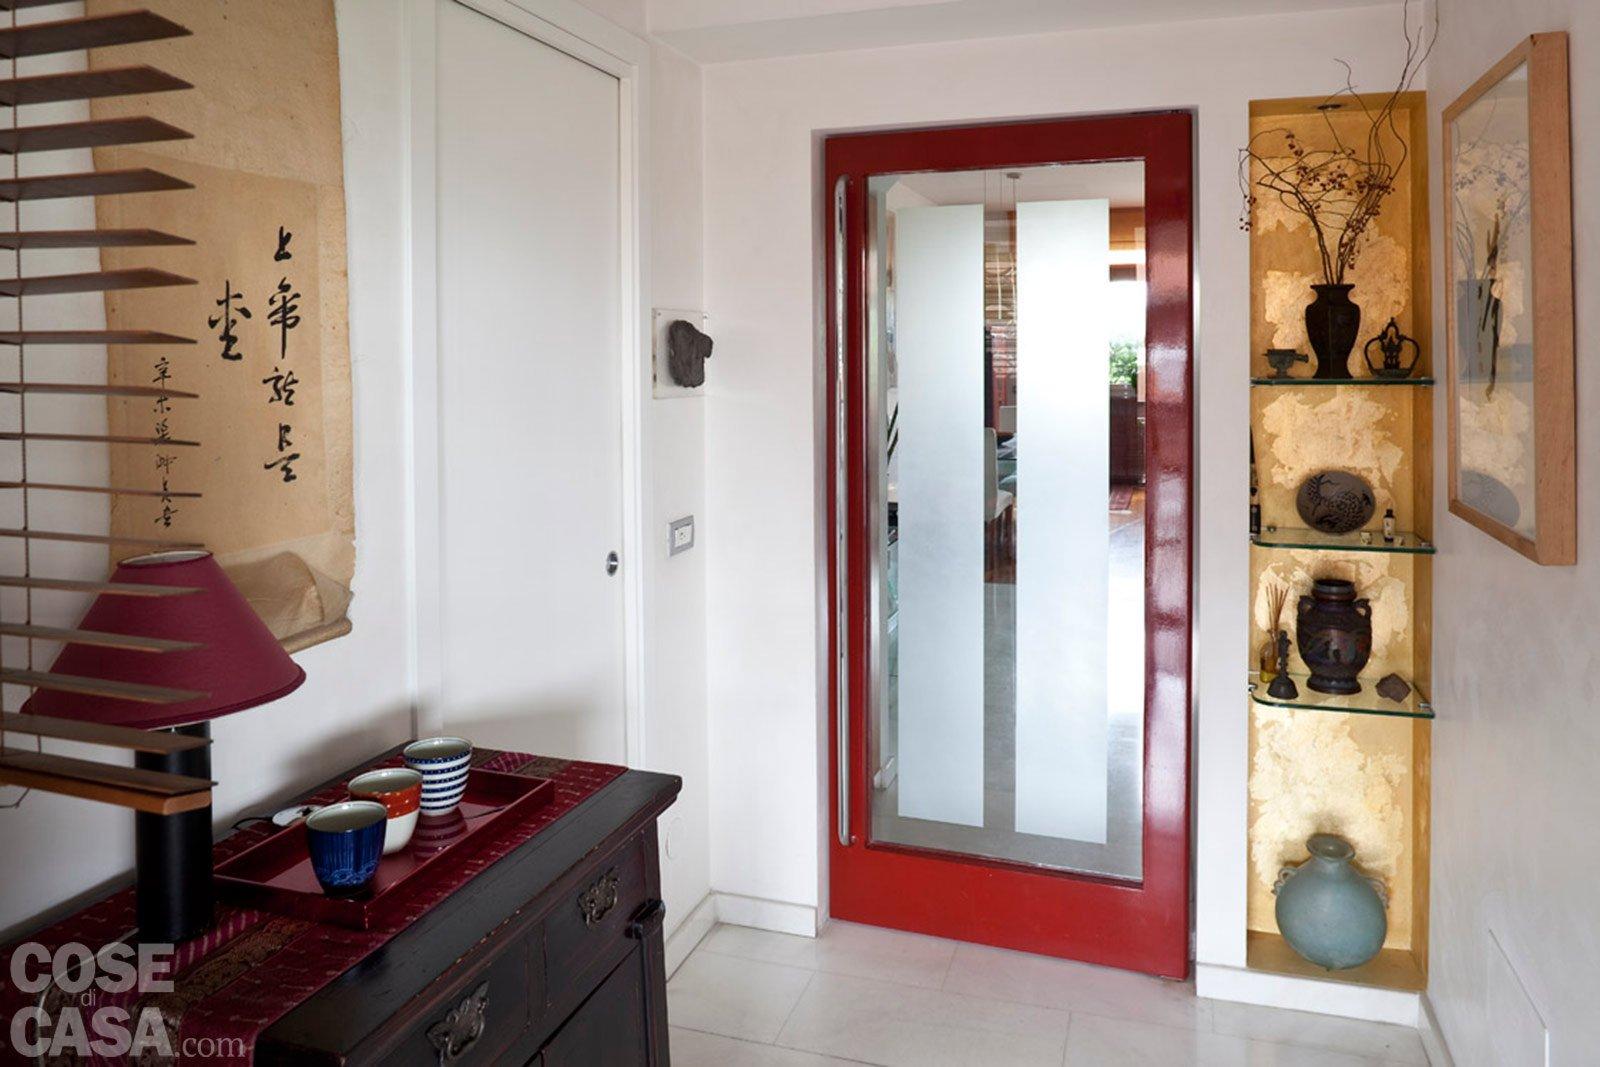 Una casa rinnovata nel look con luce moltiplicata cose - Mostra del bagno srl ...